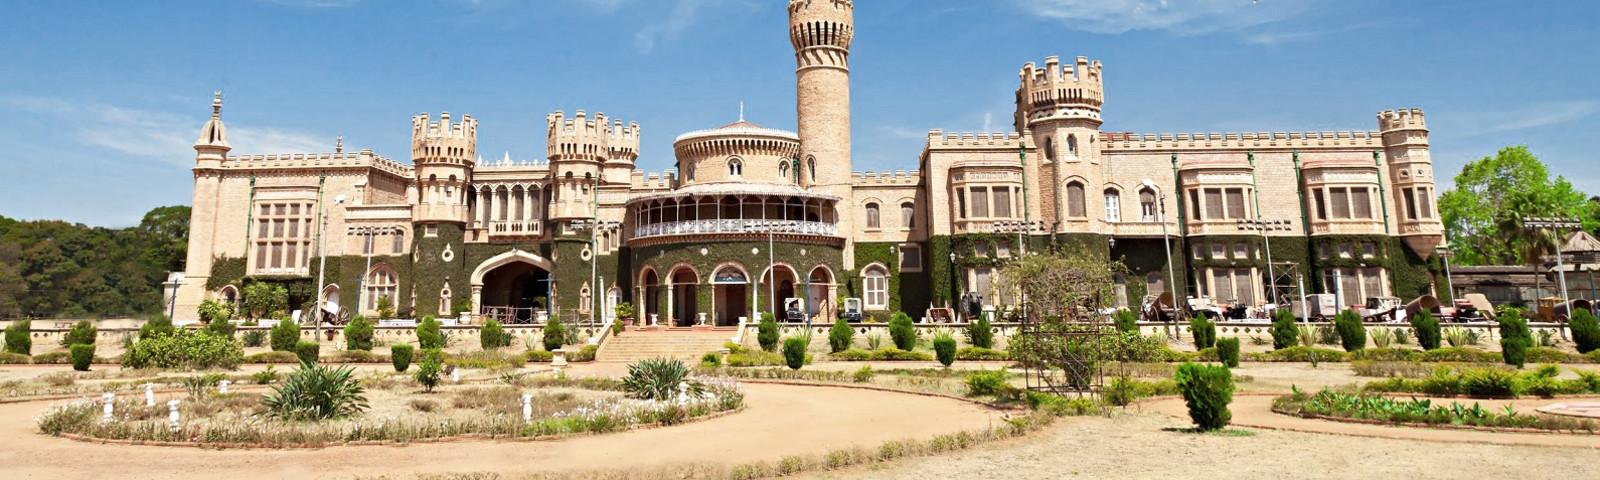 Bangalore-Palast mit Vorgarten in Bangalore, Indien